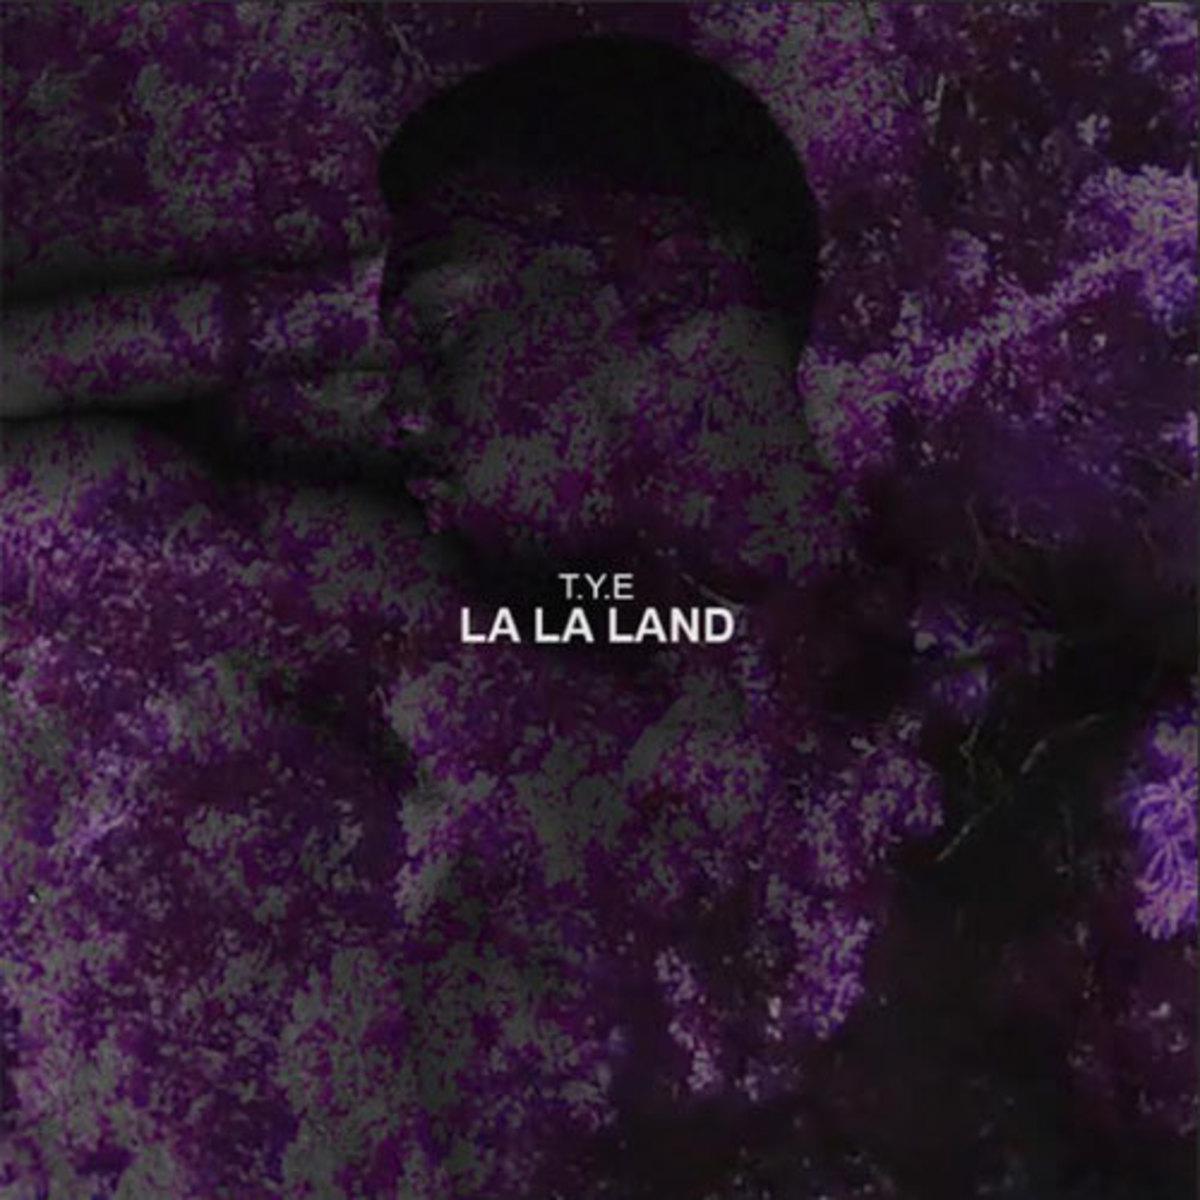 tye-la-la-land.jpg